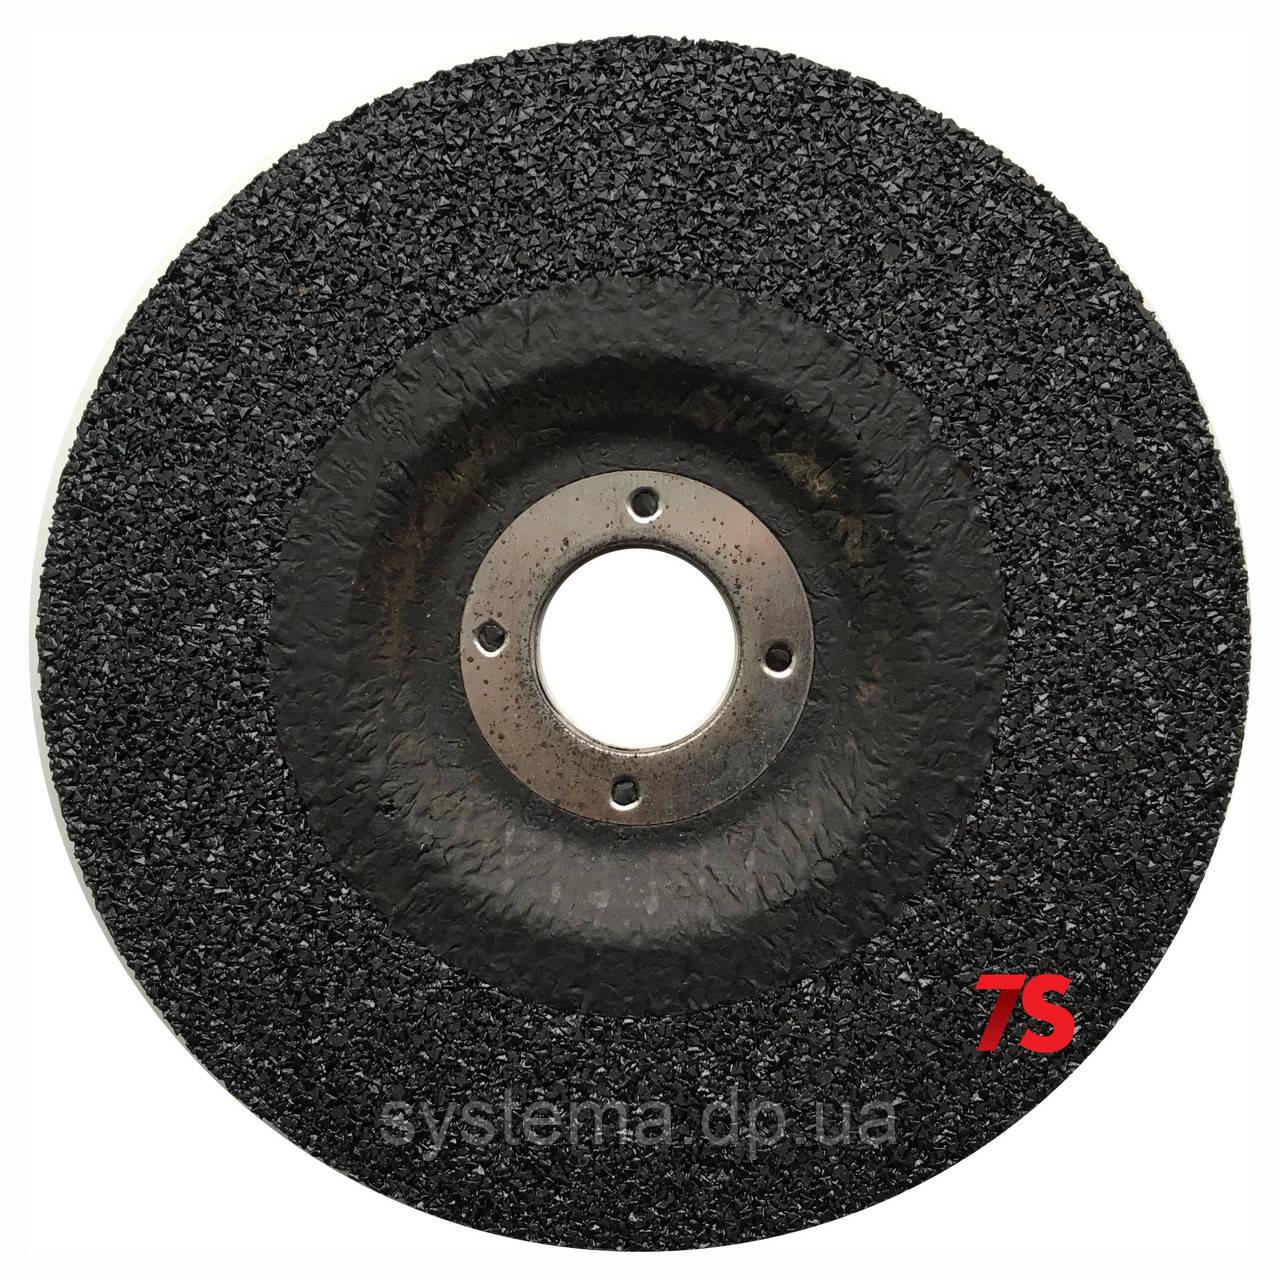 3M 51792 - Відрізний круг по металу Silver T41, 125х22,23х1,6 мм